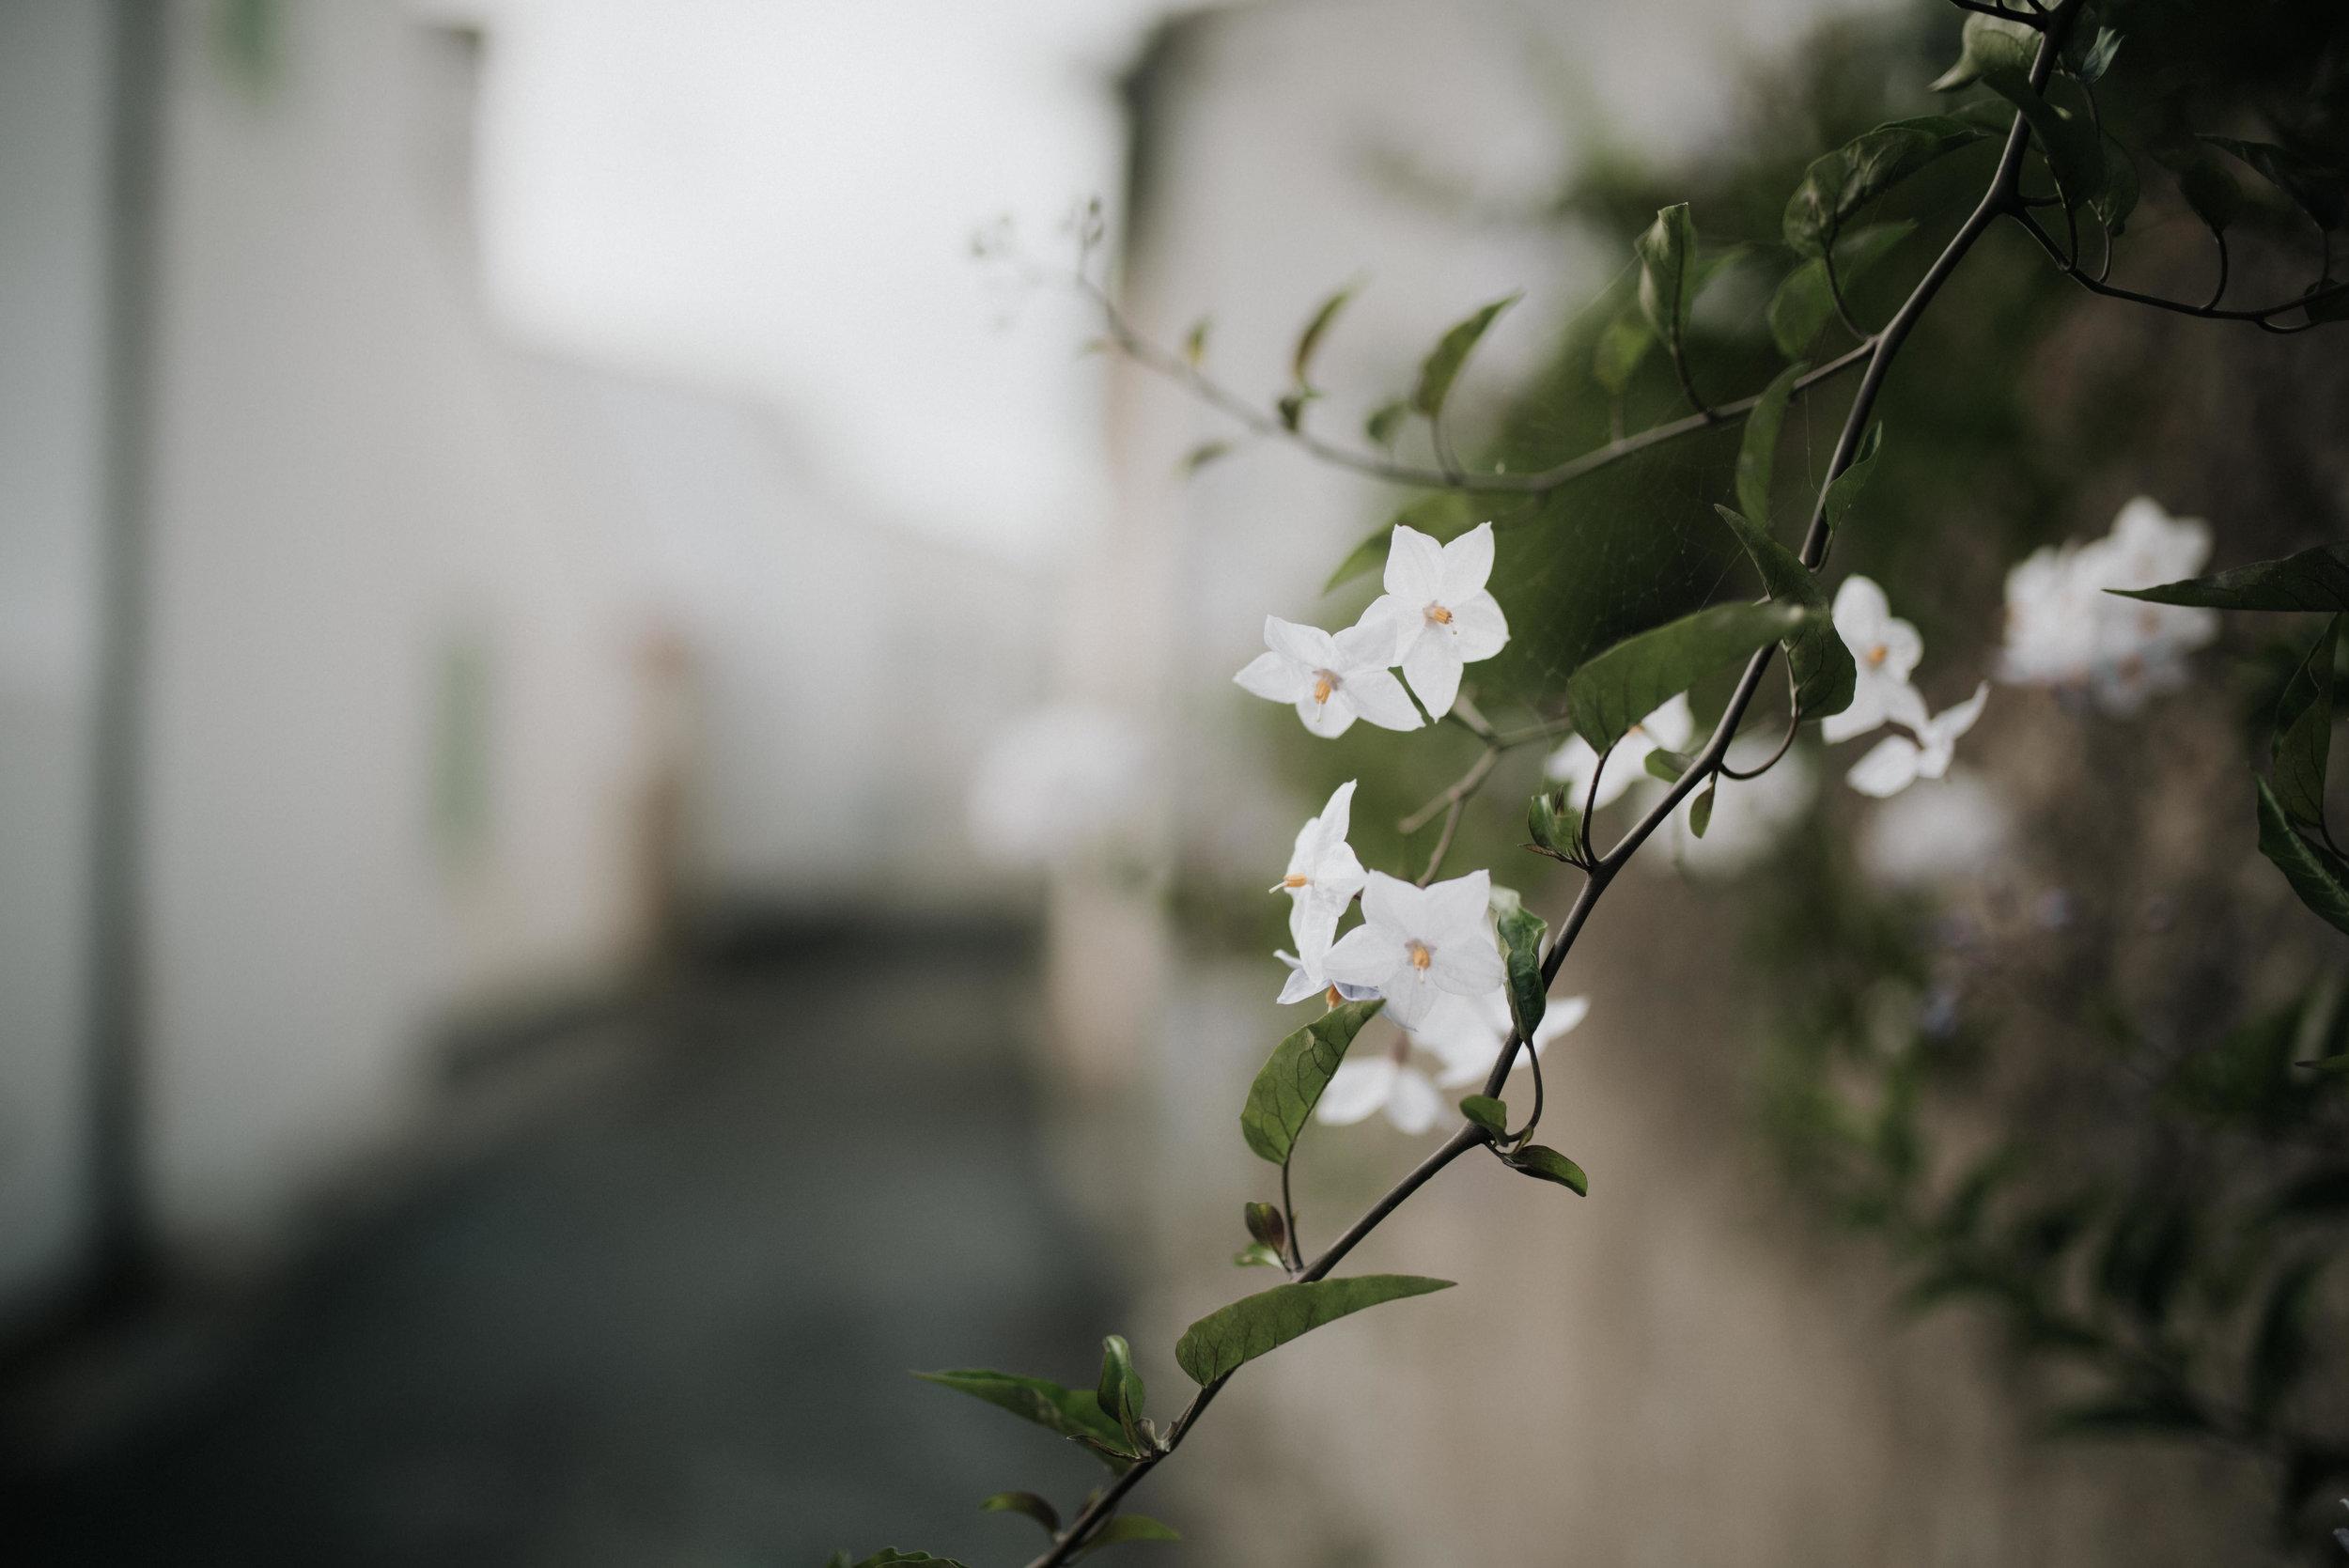 Léa-Fery-photographe-professionnel-lyon-rhone-alpes-portrait-creation-mariage-evenement-evenementiel-famille-2487.jpg